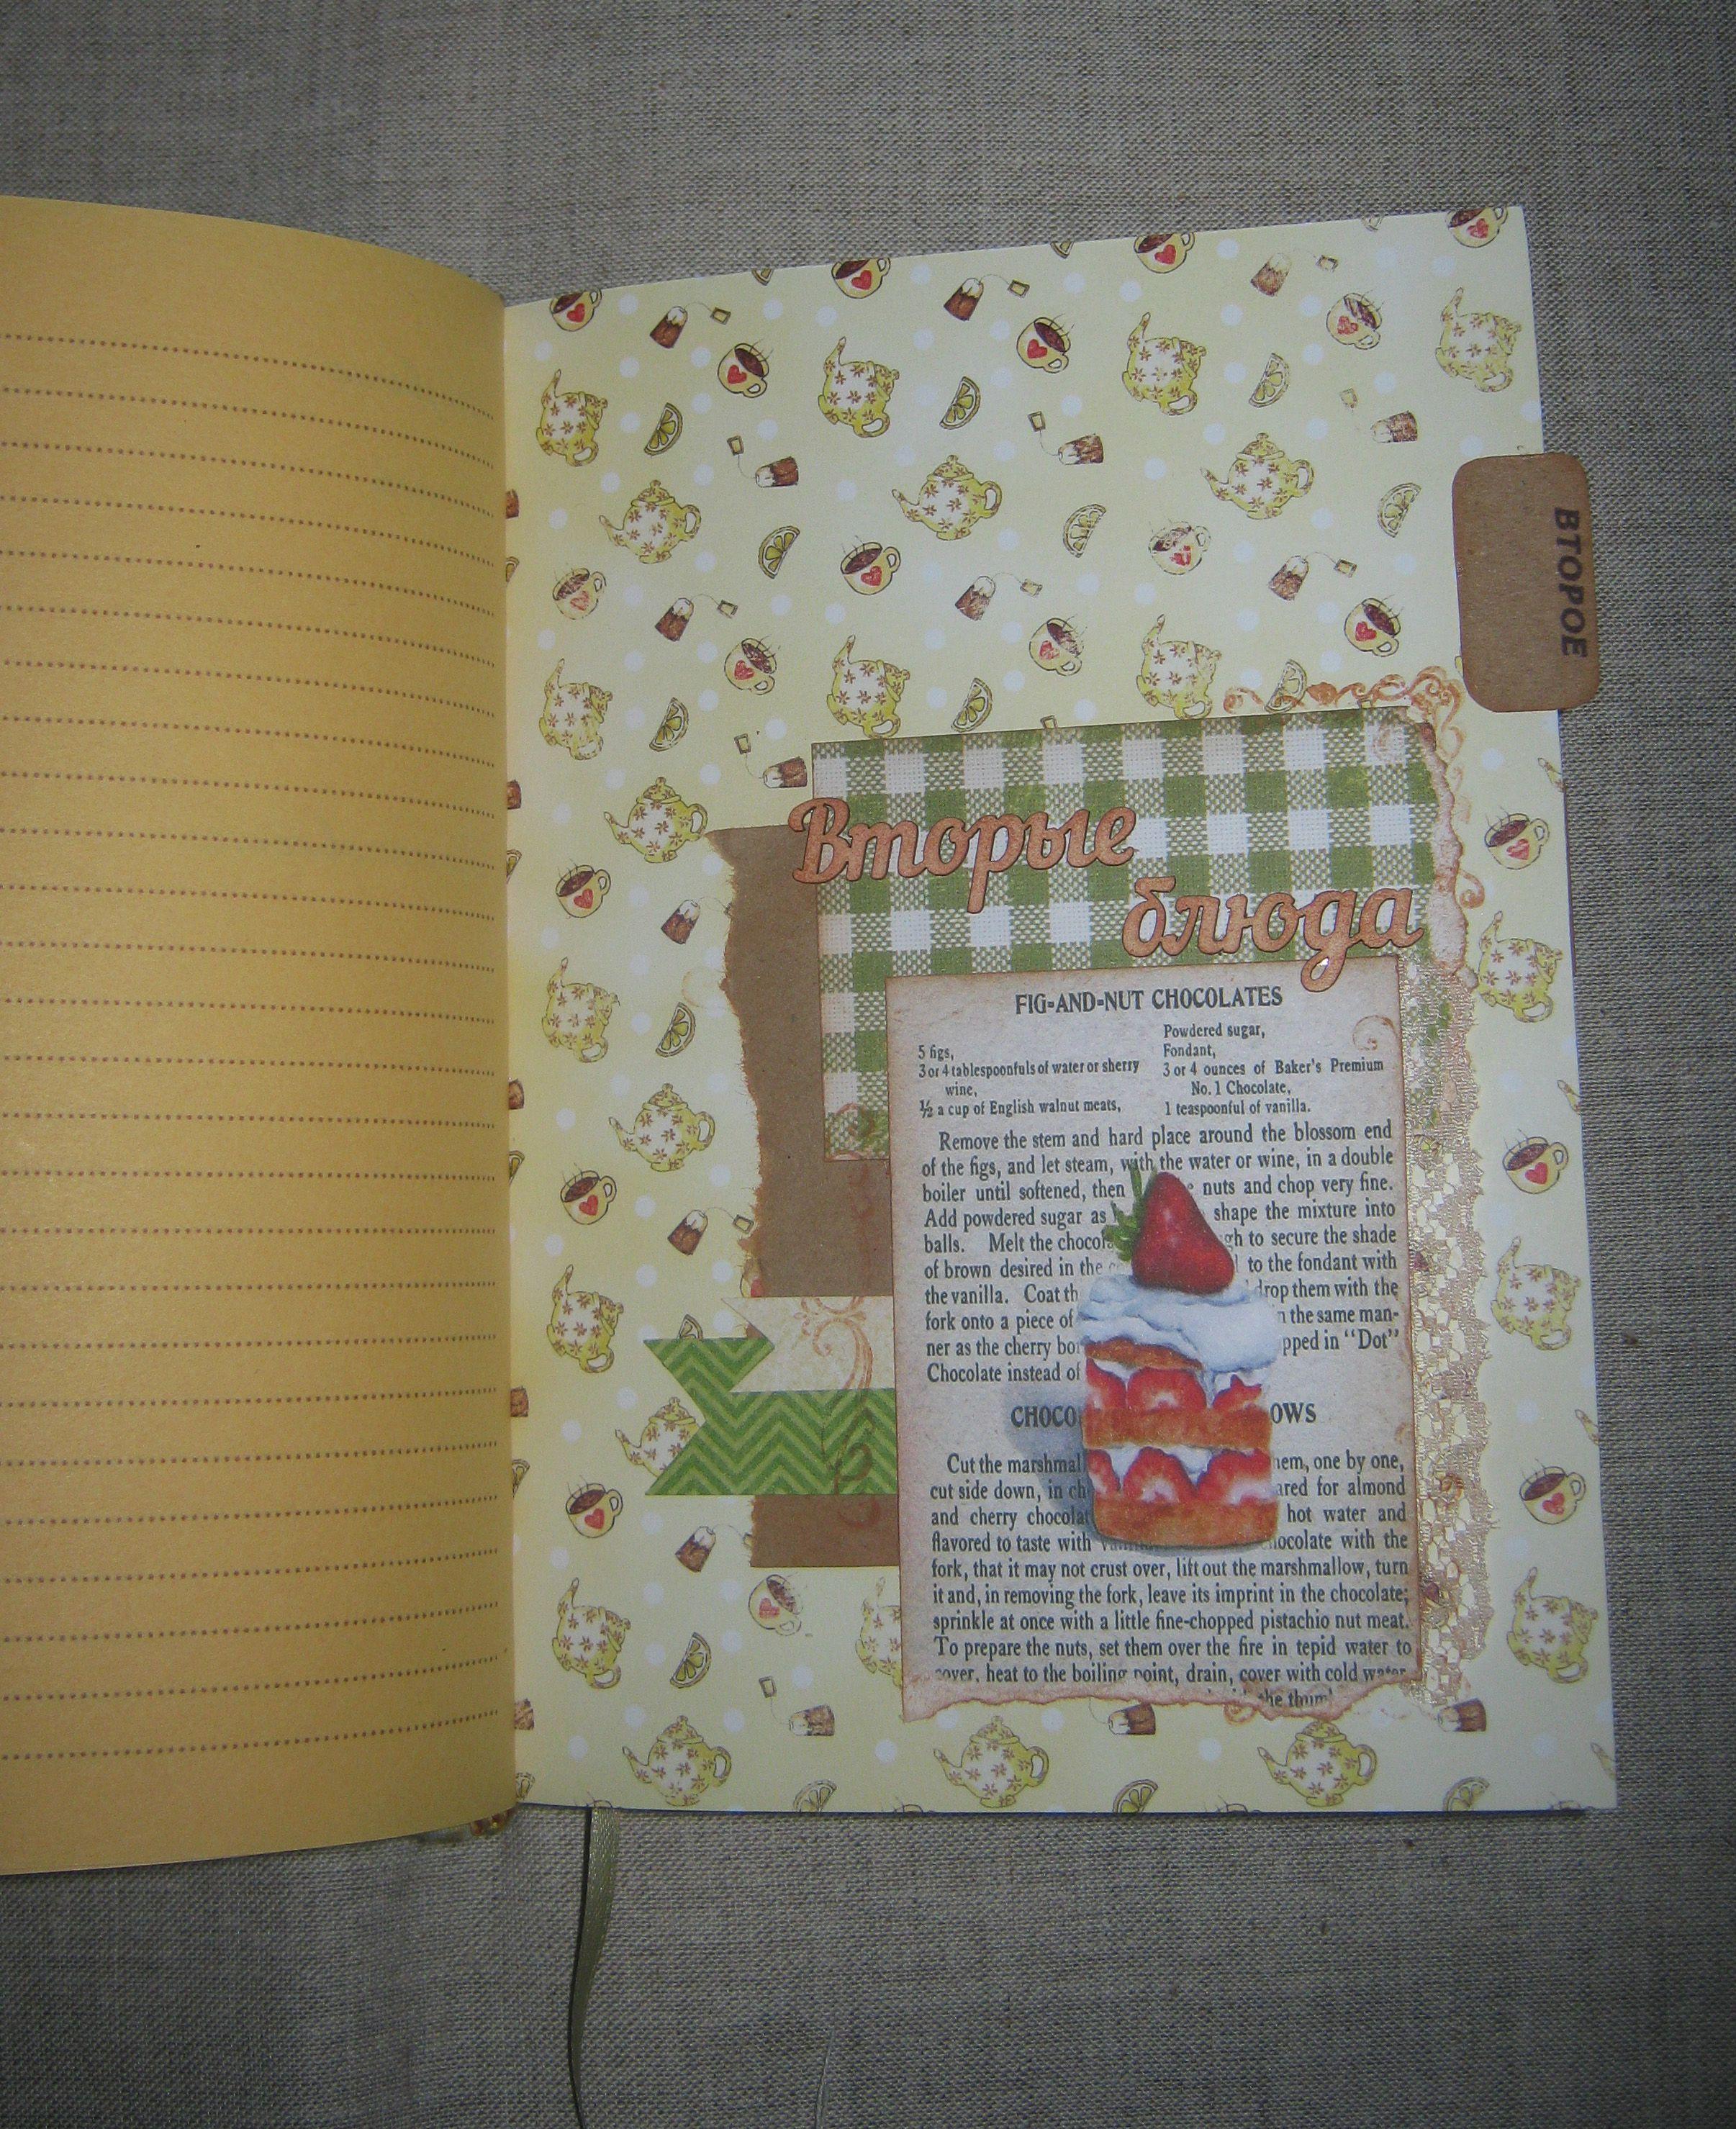 кулинарная кулинарный женщине подарок купить для кулинарную книга книгу записи блокнот рецептов